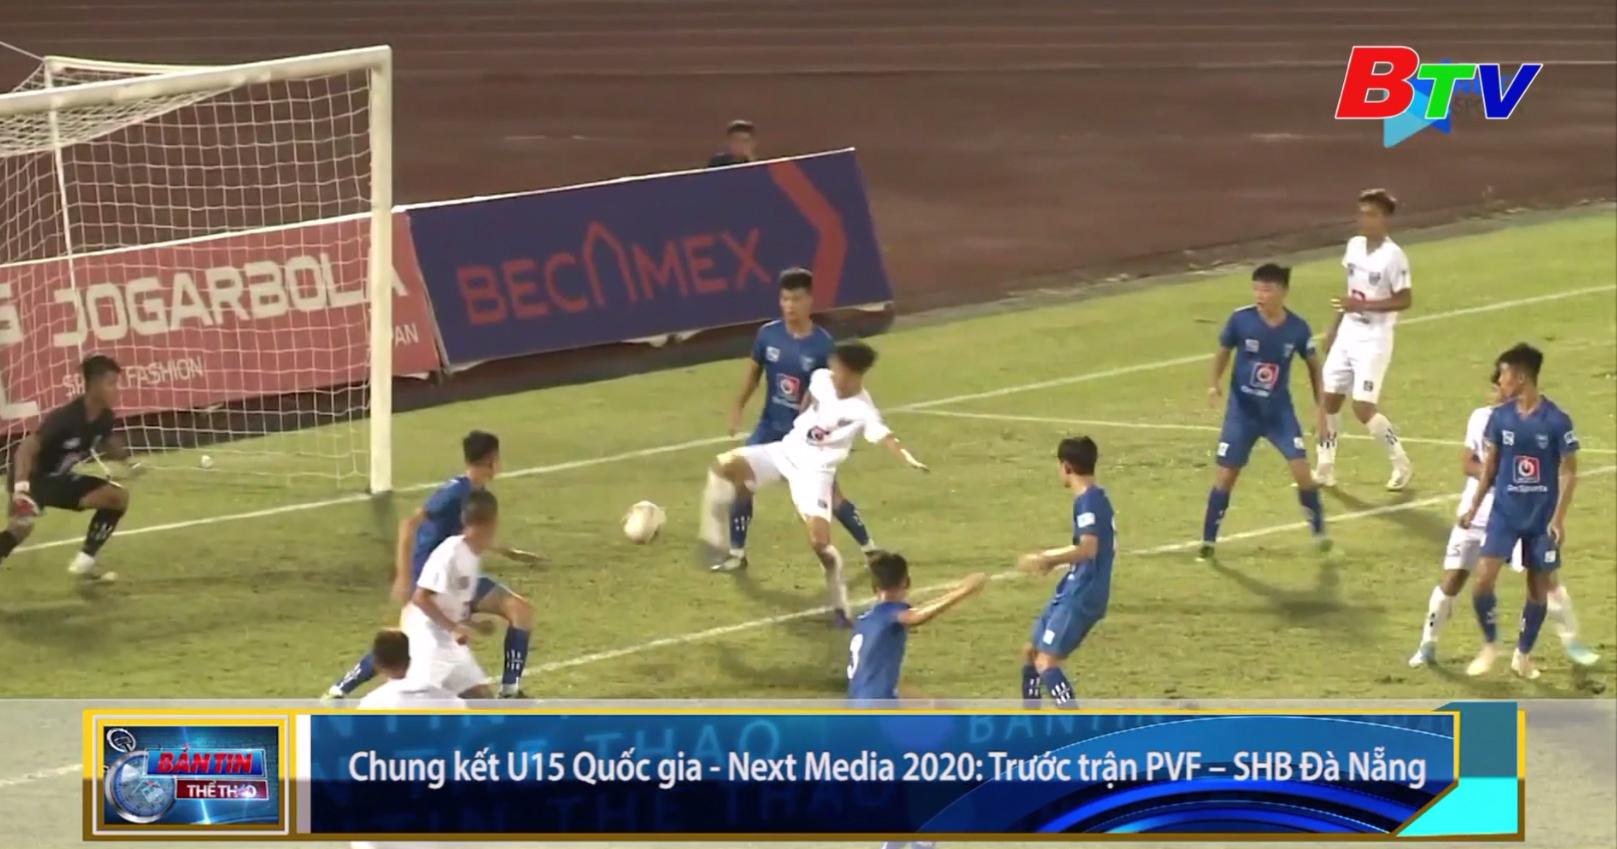 Chung kết U15 Quốc gia - Next Media 2020 – Trước trận PVF - SHB Đà Nẵng